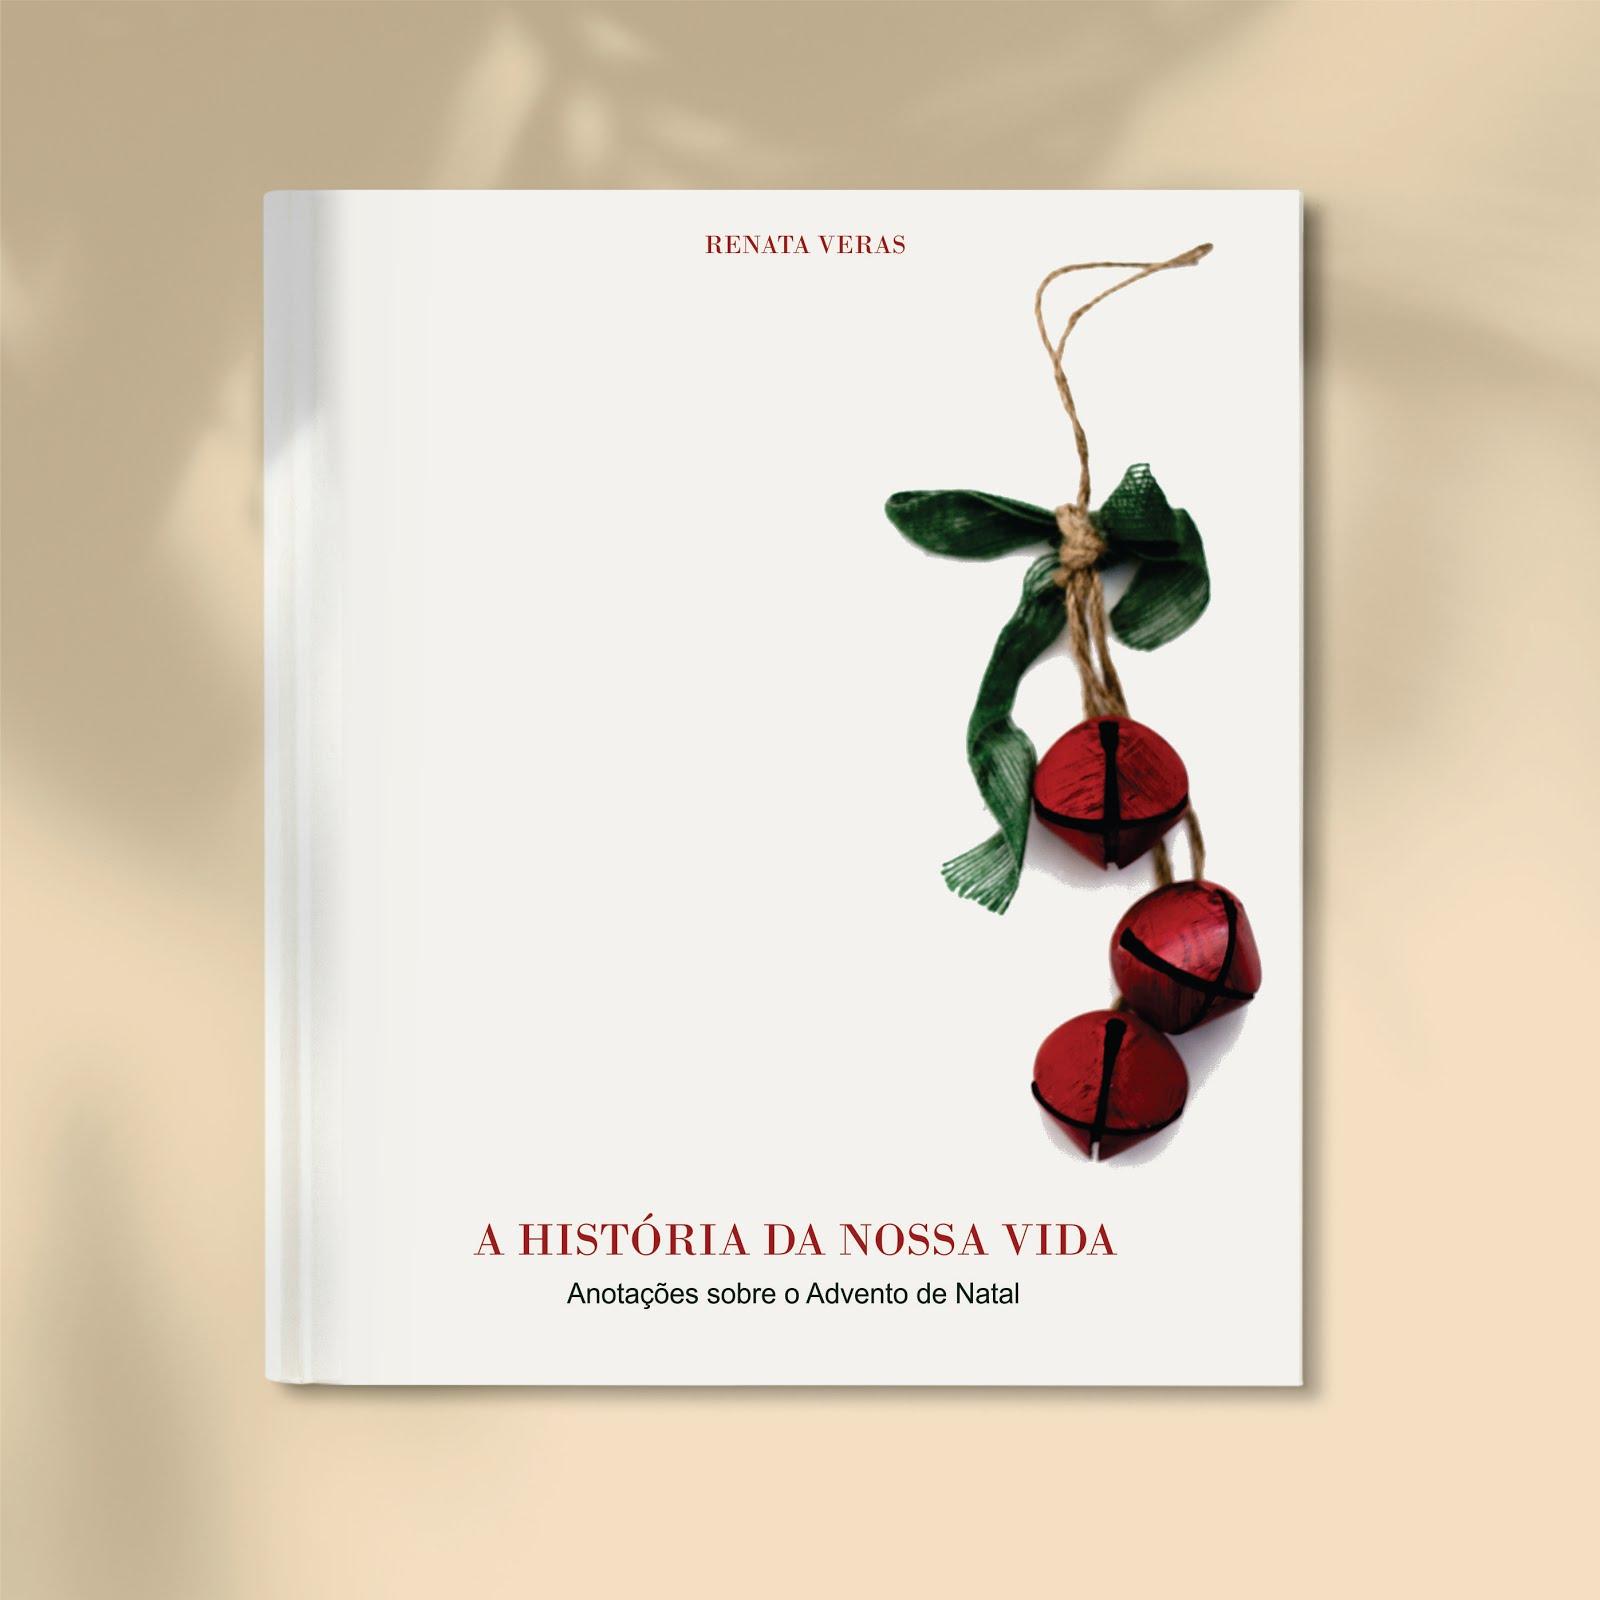 BAIXE GRÁTIS O E-BOOK DEVOCIONAL DO ADVENTO DE NATAL